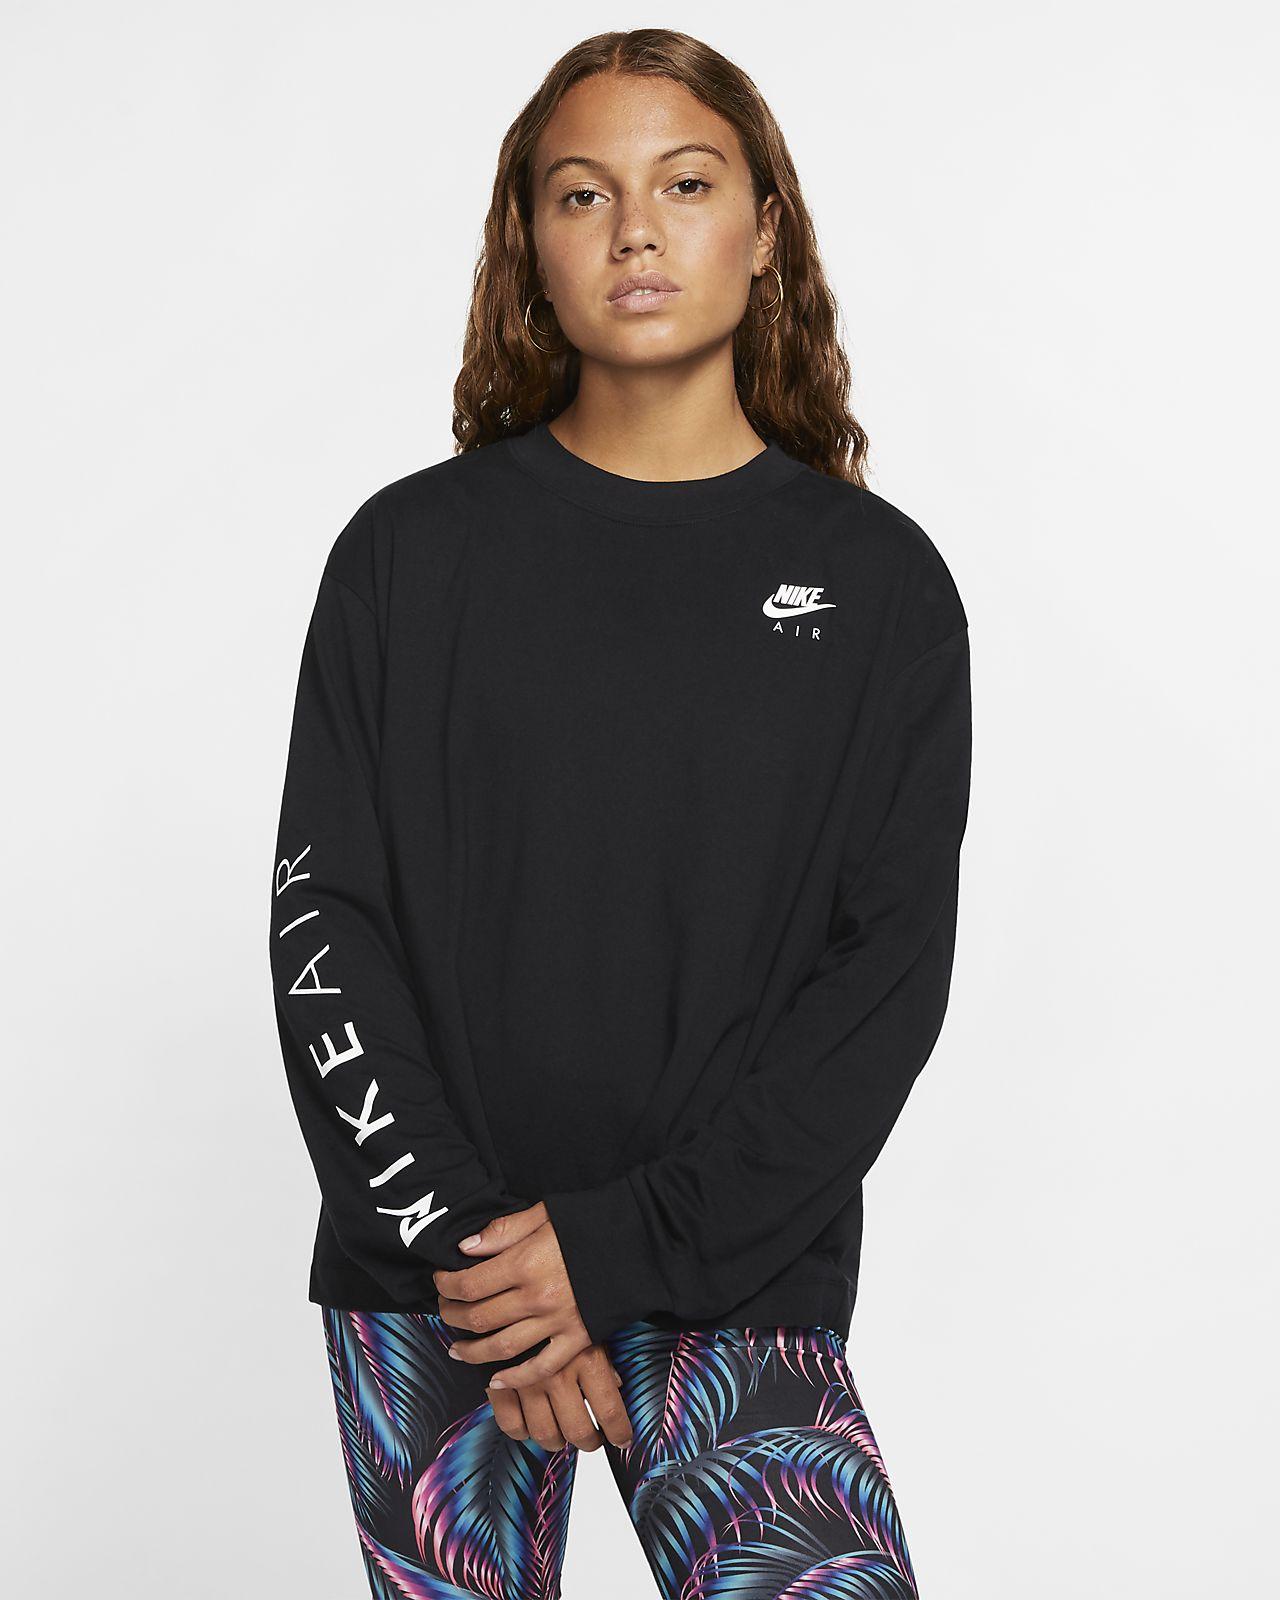 Nike Air langermet overdel til dame